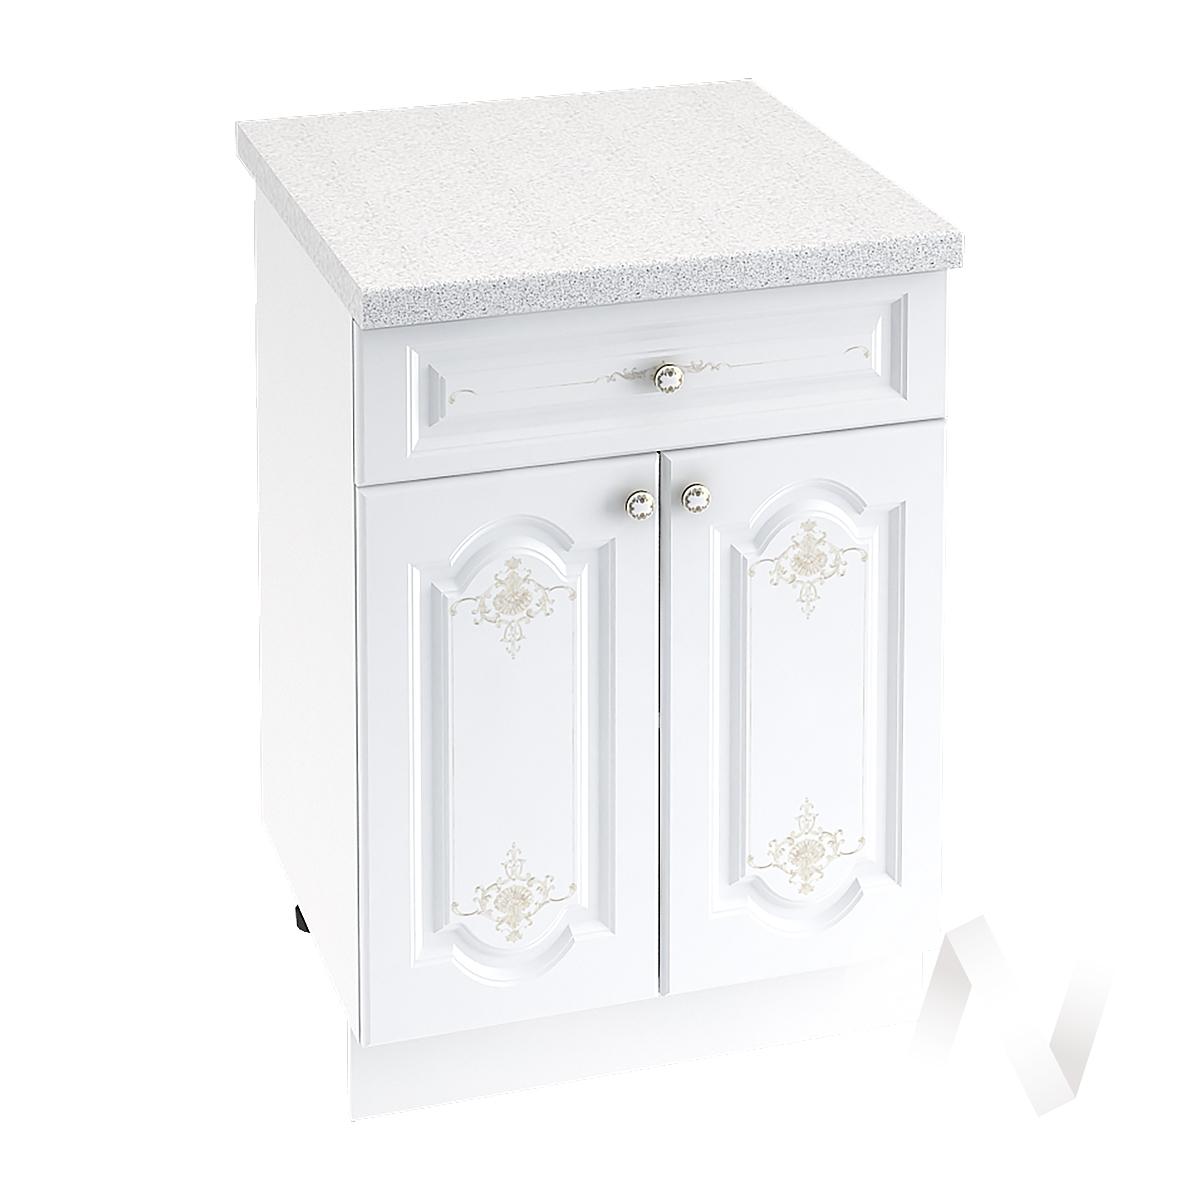 """Кухня """"Шарлиз"""": Шкаф нижний с ящиком 600, ШН1Я 600 М (корпус белый)"""